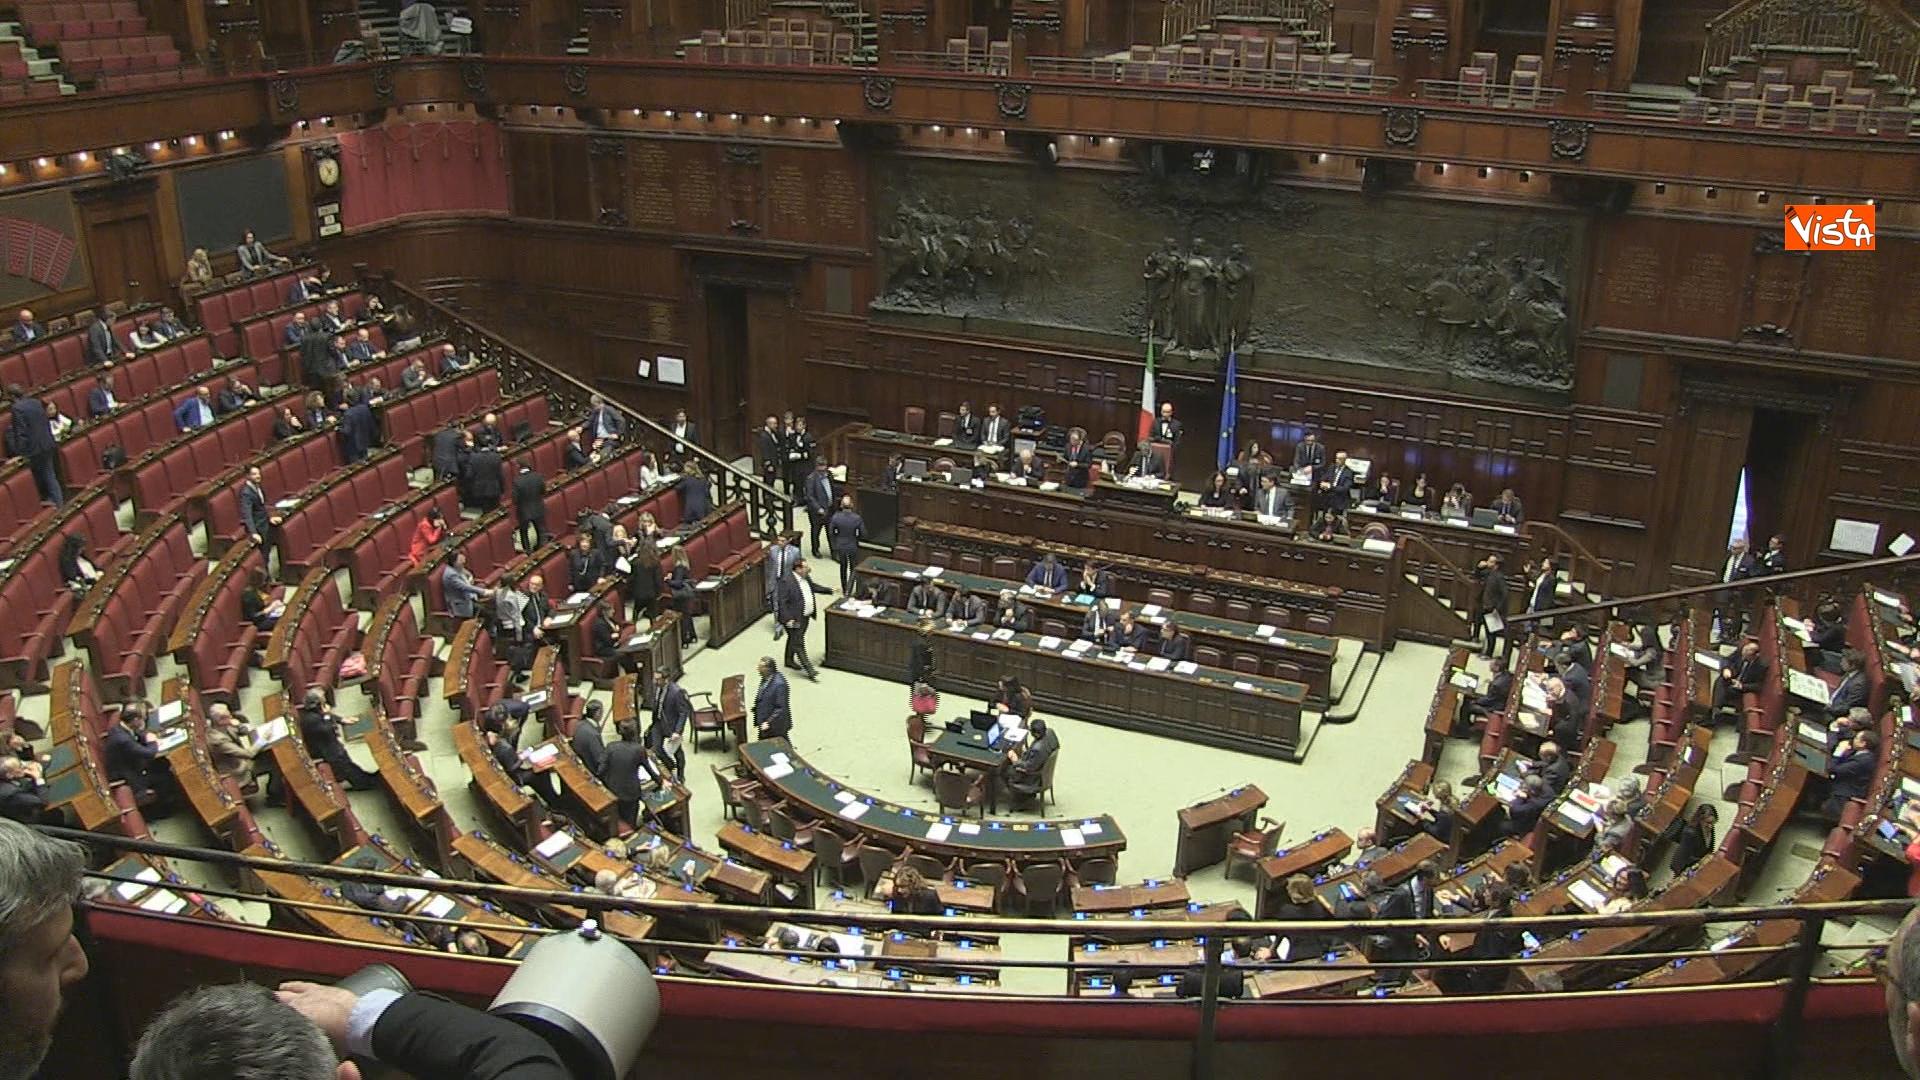 19-03-19 Conte riferisce in Aula Camera su Consiglio Ue e Via della seta immagini_03